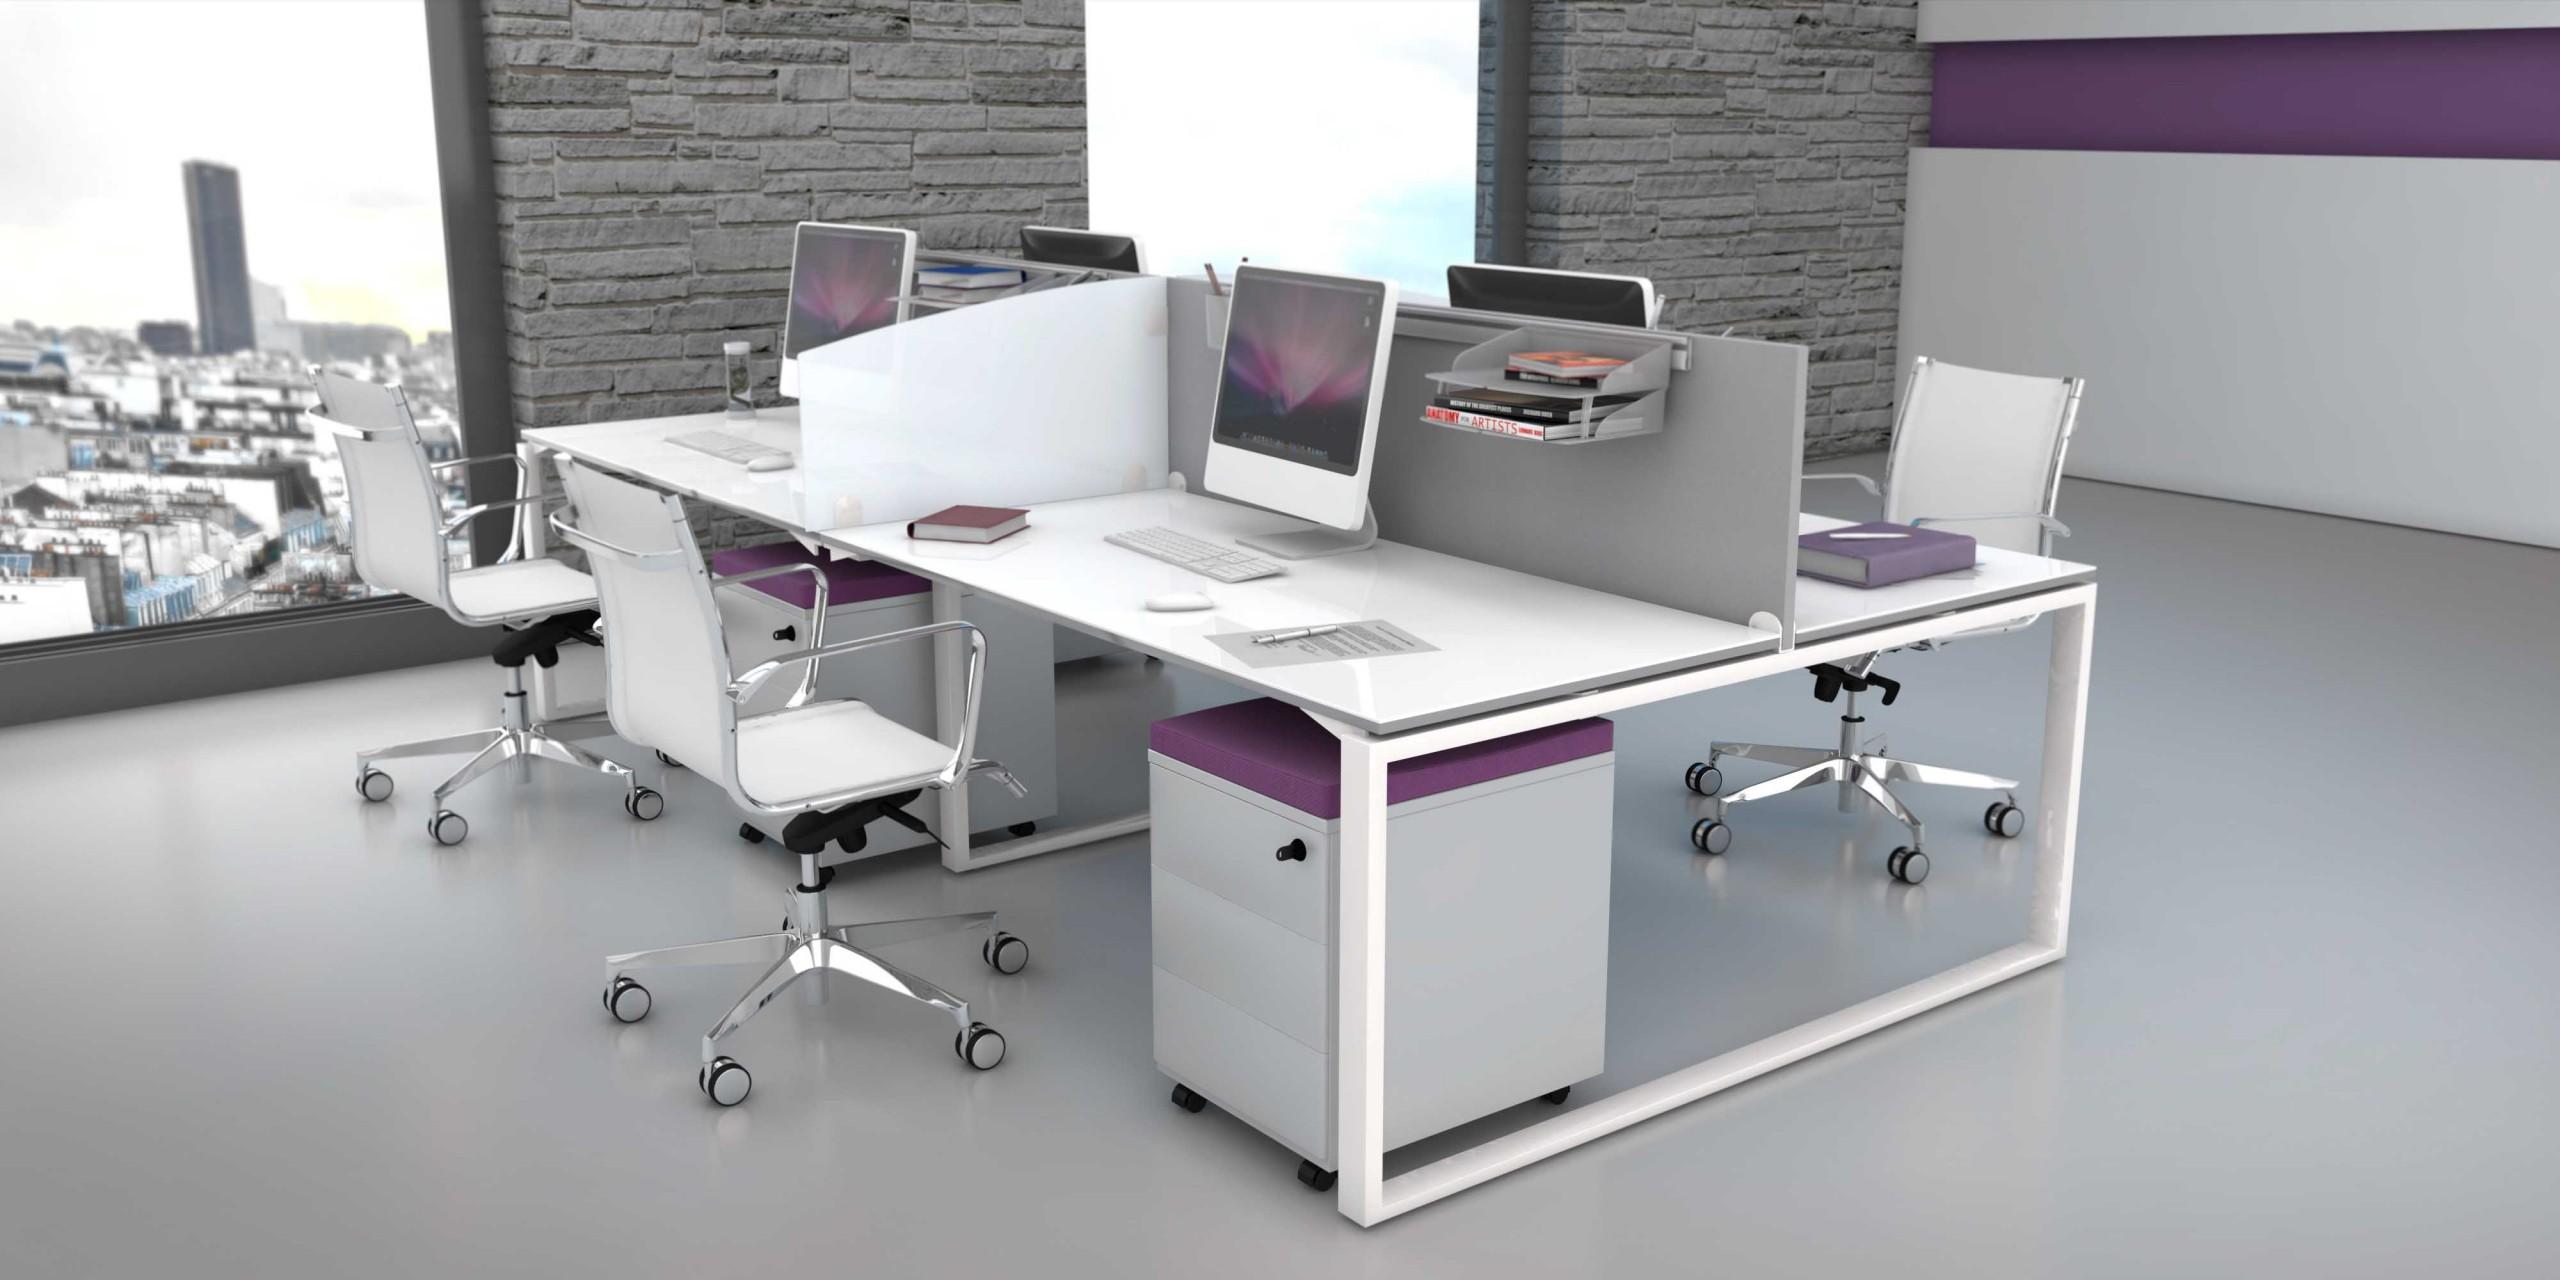 bureau bench 4 personnes cool achat bureaux bench 912 00. Black Bedroom Furniture Sets. Home Design Ideas